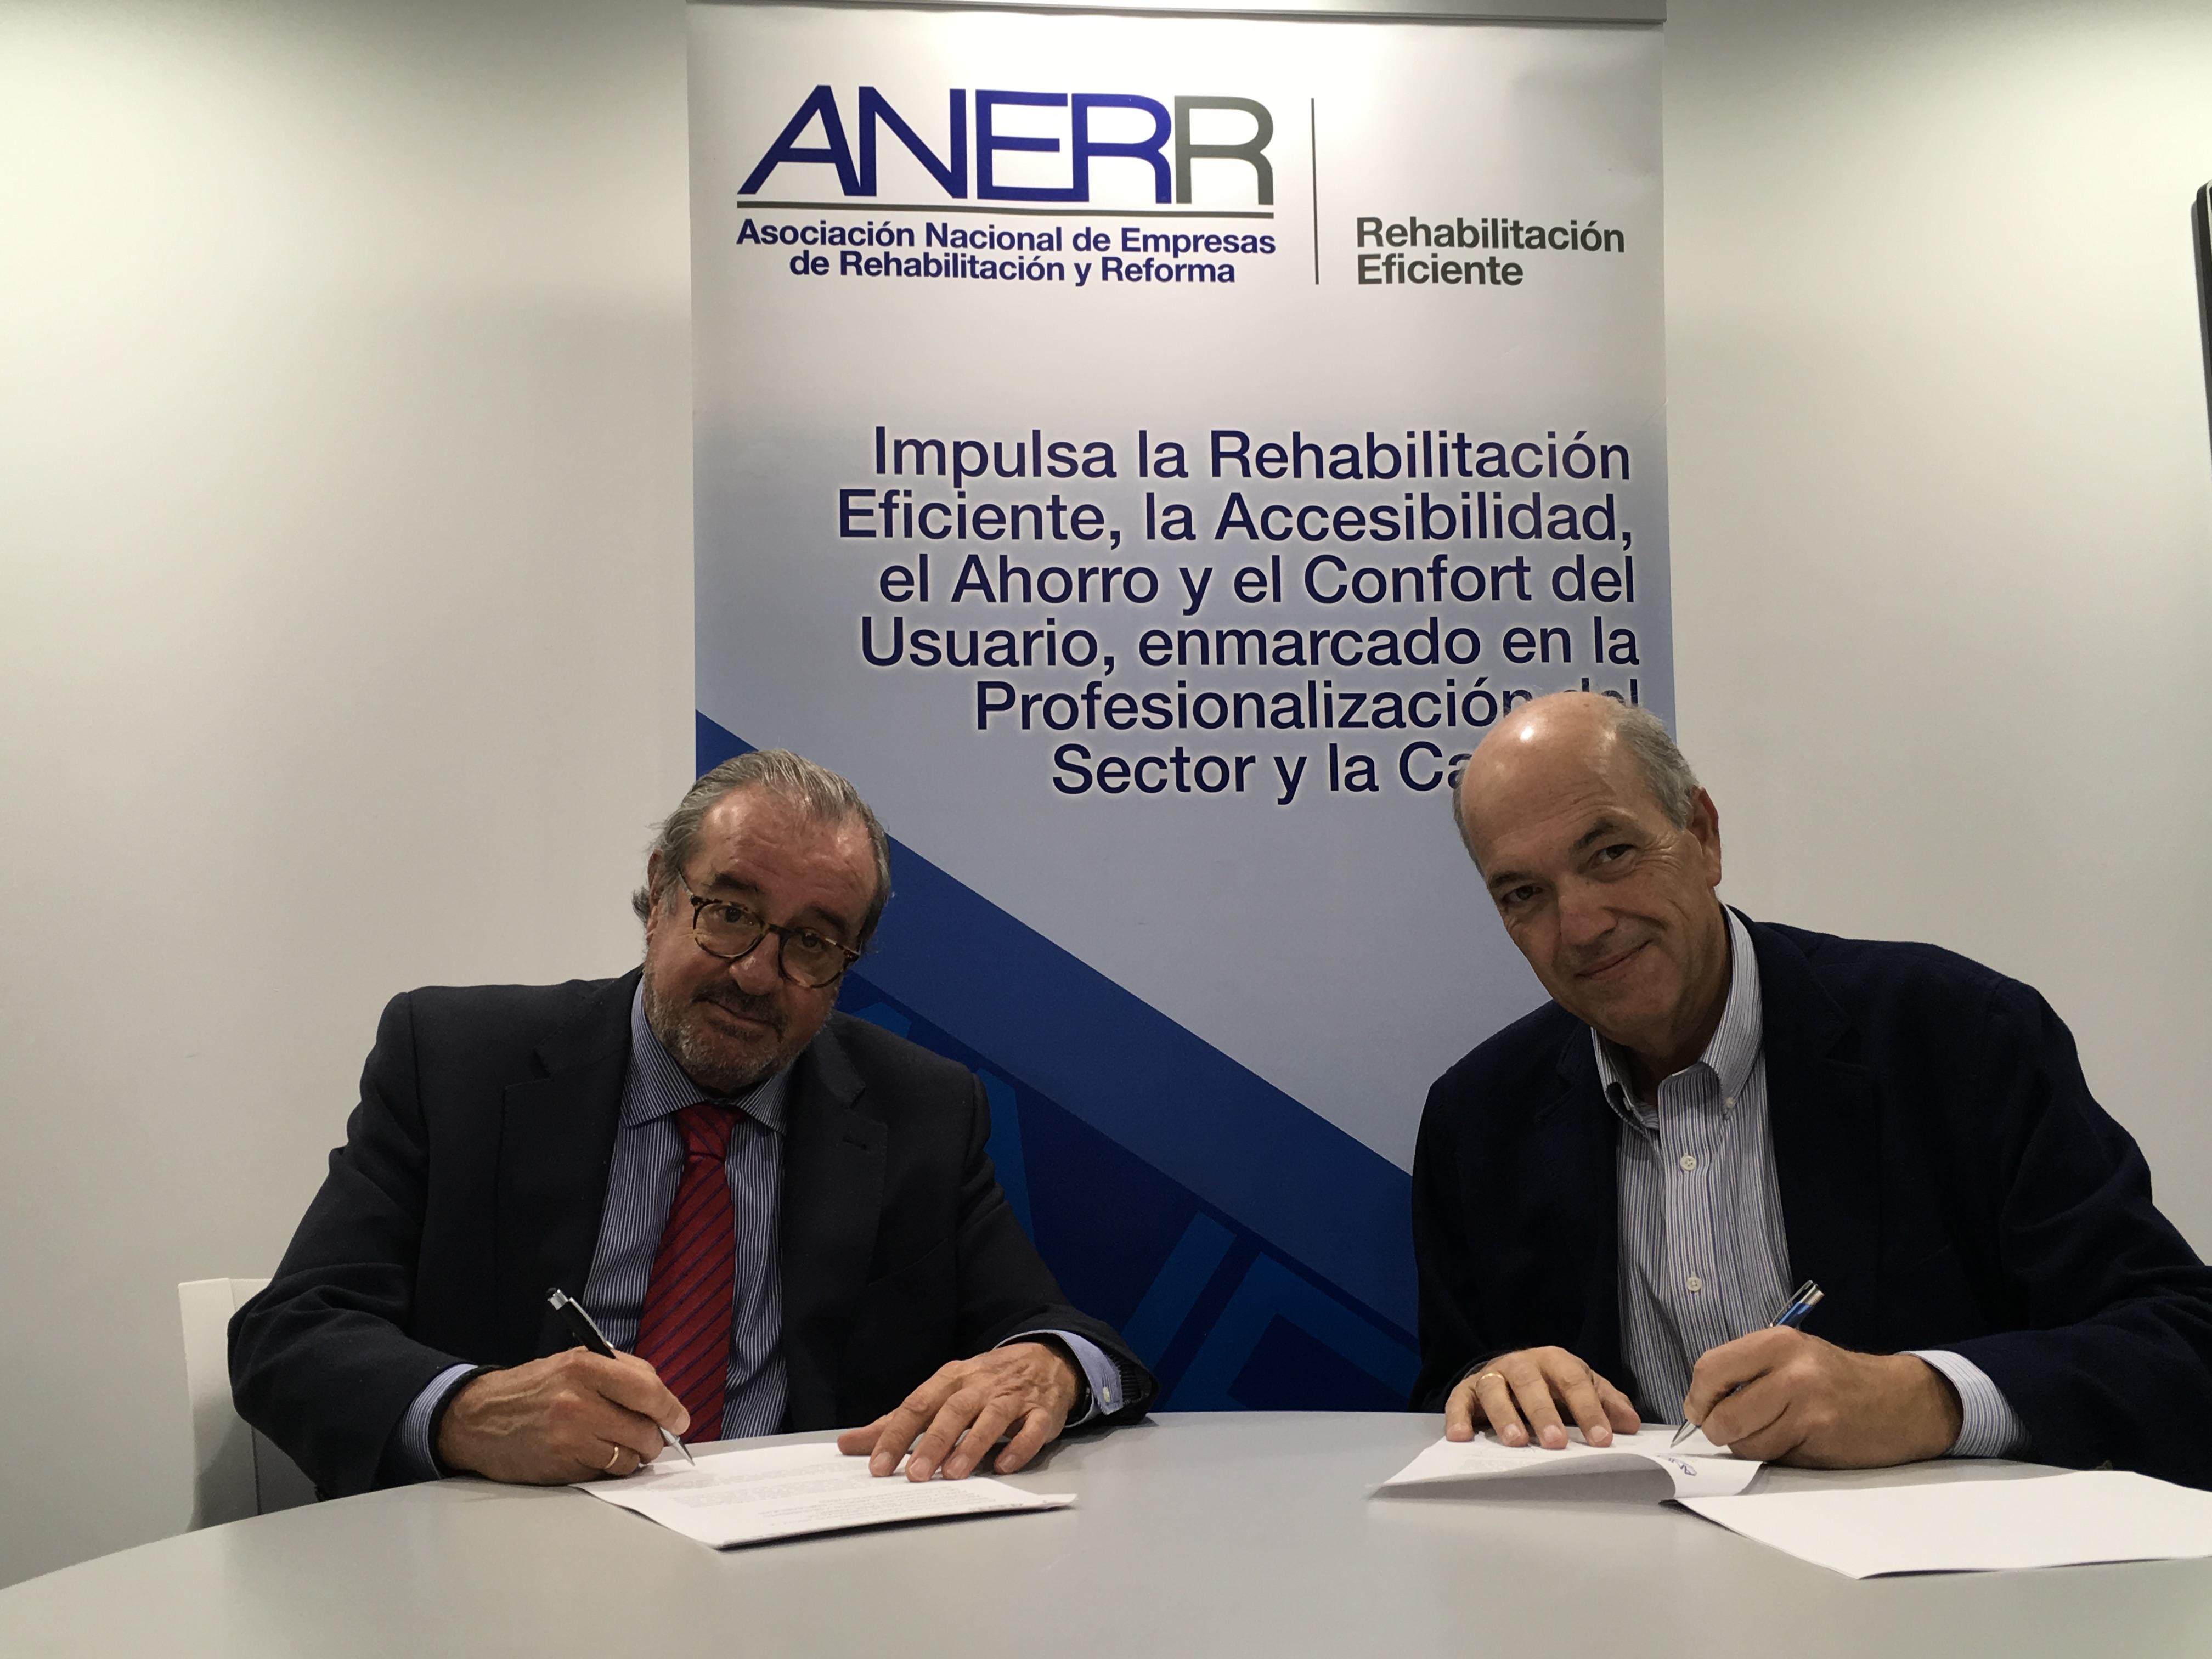 ANERR e ISC-Centro Especial de Empleo firman un acuerdo para promover la integración y empleabilidad de las personas con discapacidad.